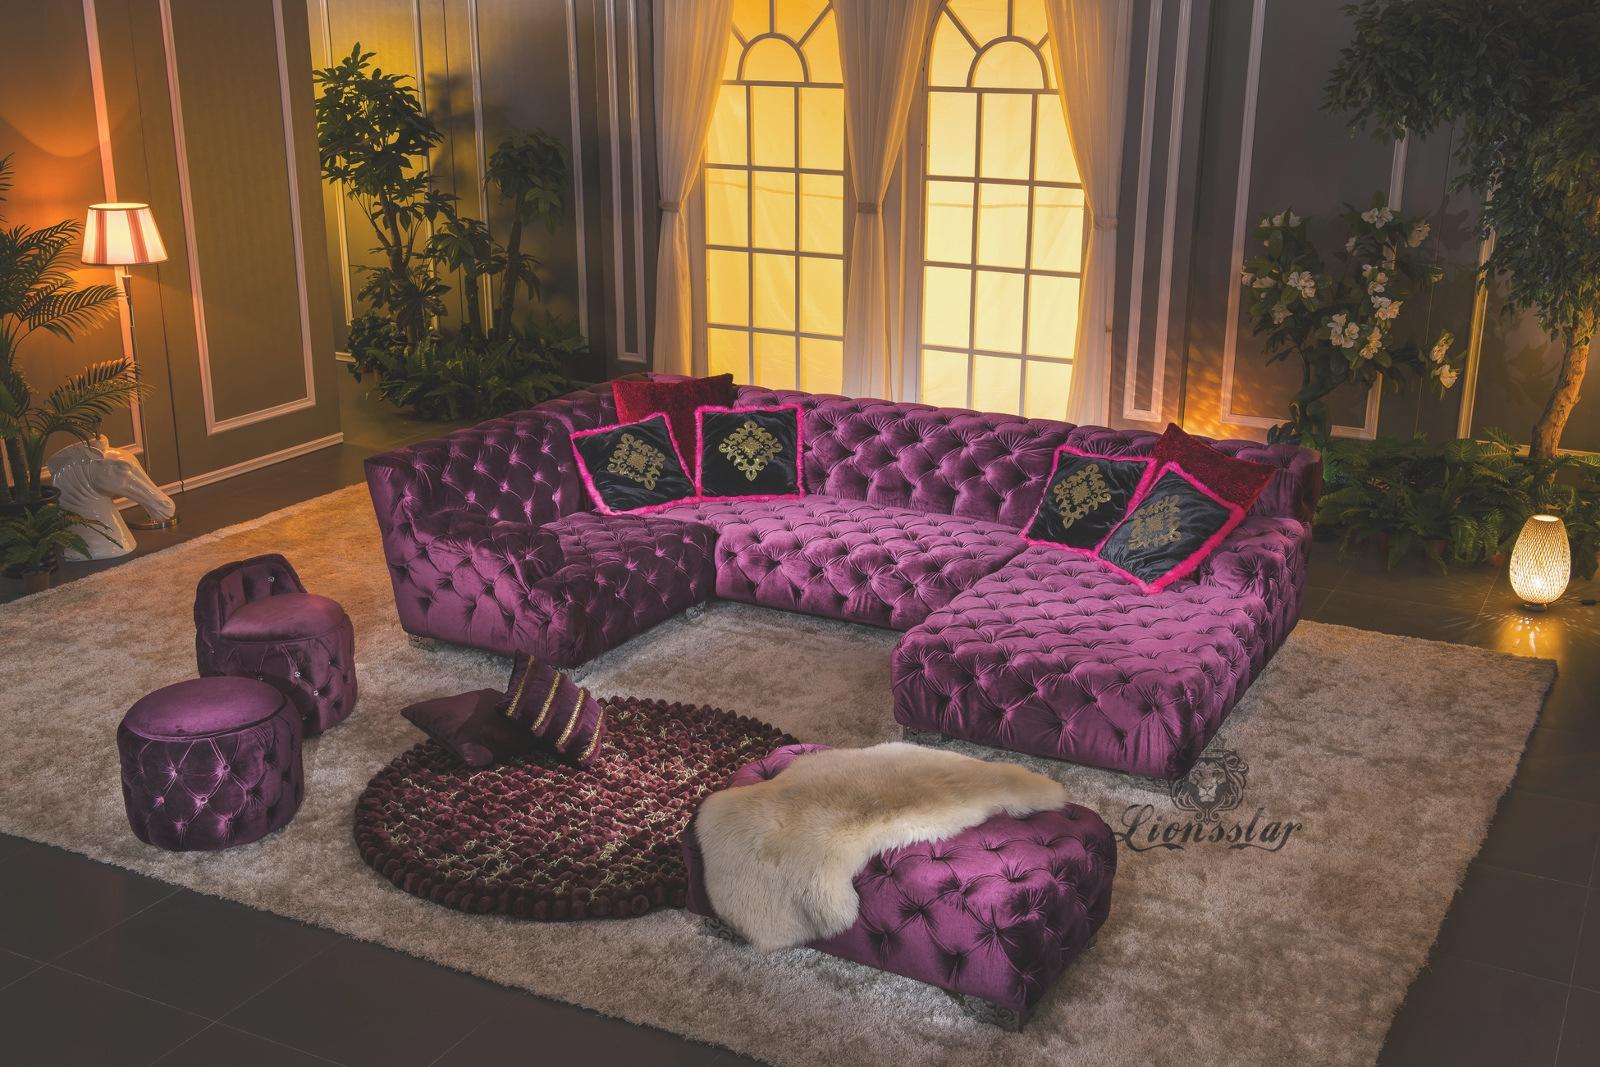 luxus sofa ihr stilvolles wohnzimmer lionsstar gmbh. Black Bedroom Furniture Sets. Home Design Ideas